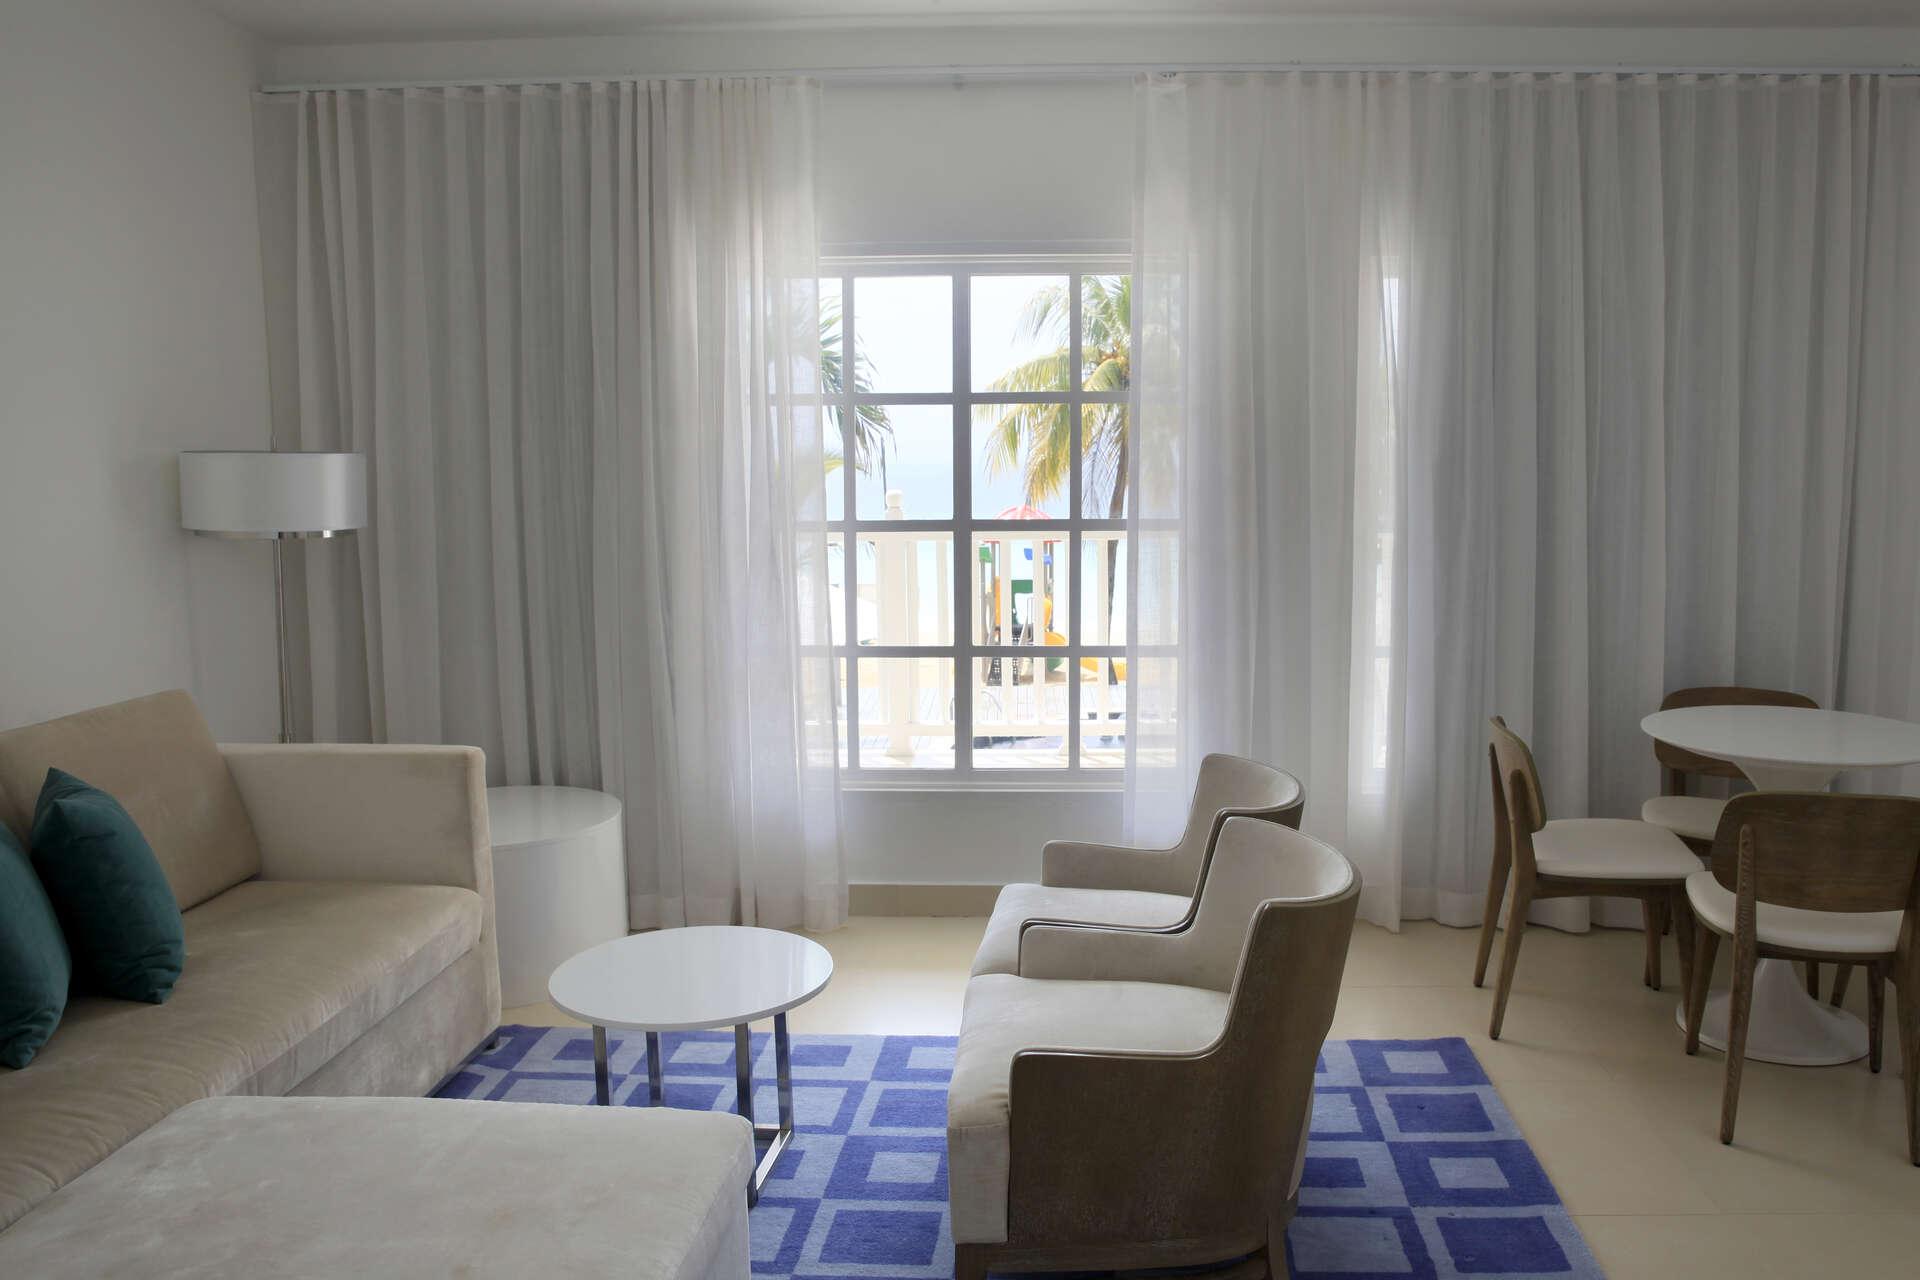 Luxury villa rentals caribbean - Jamaica - Negril - Azul beach resort negril - Two Bedroom Ocean Front Suite - Image 1/12